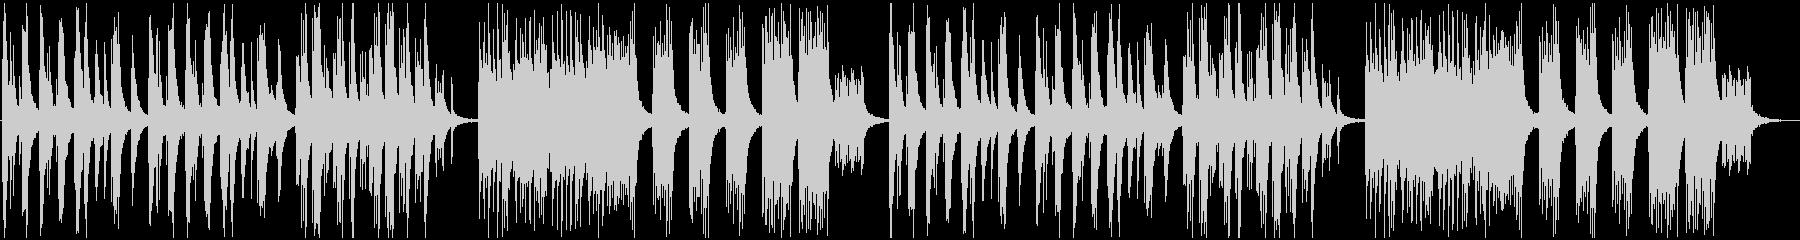 静かな和風ピアノソロの未再生の波形